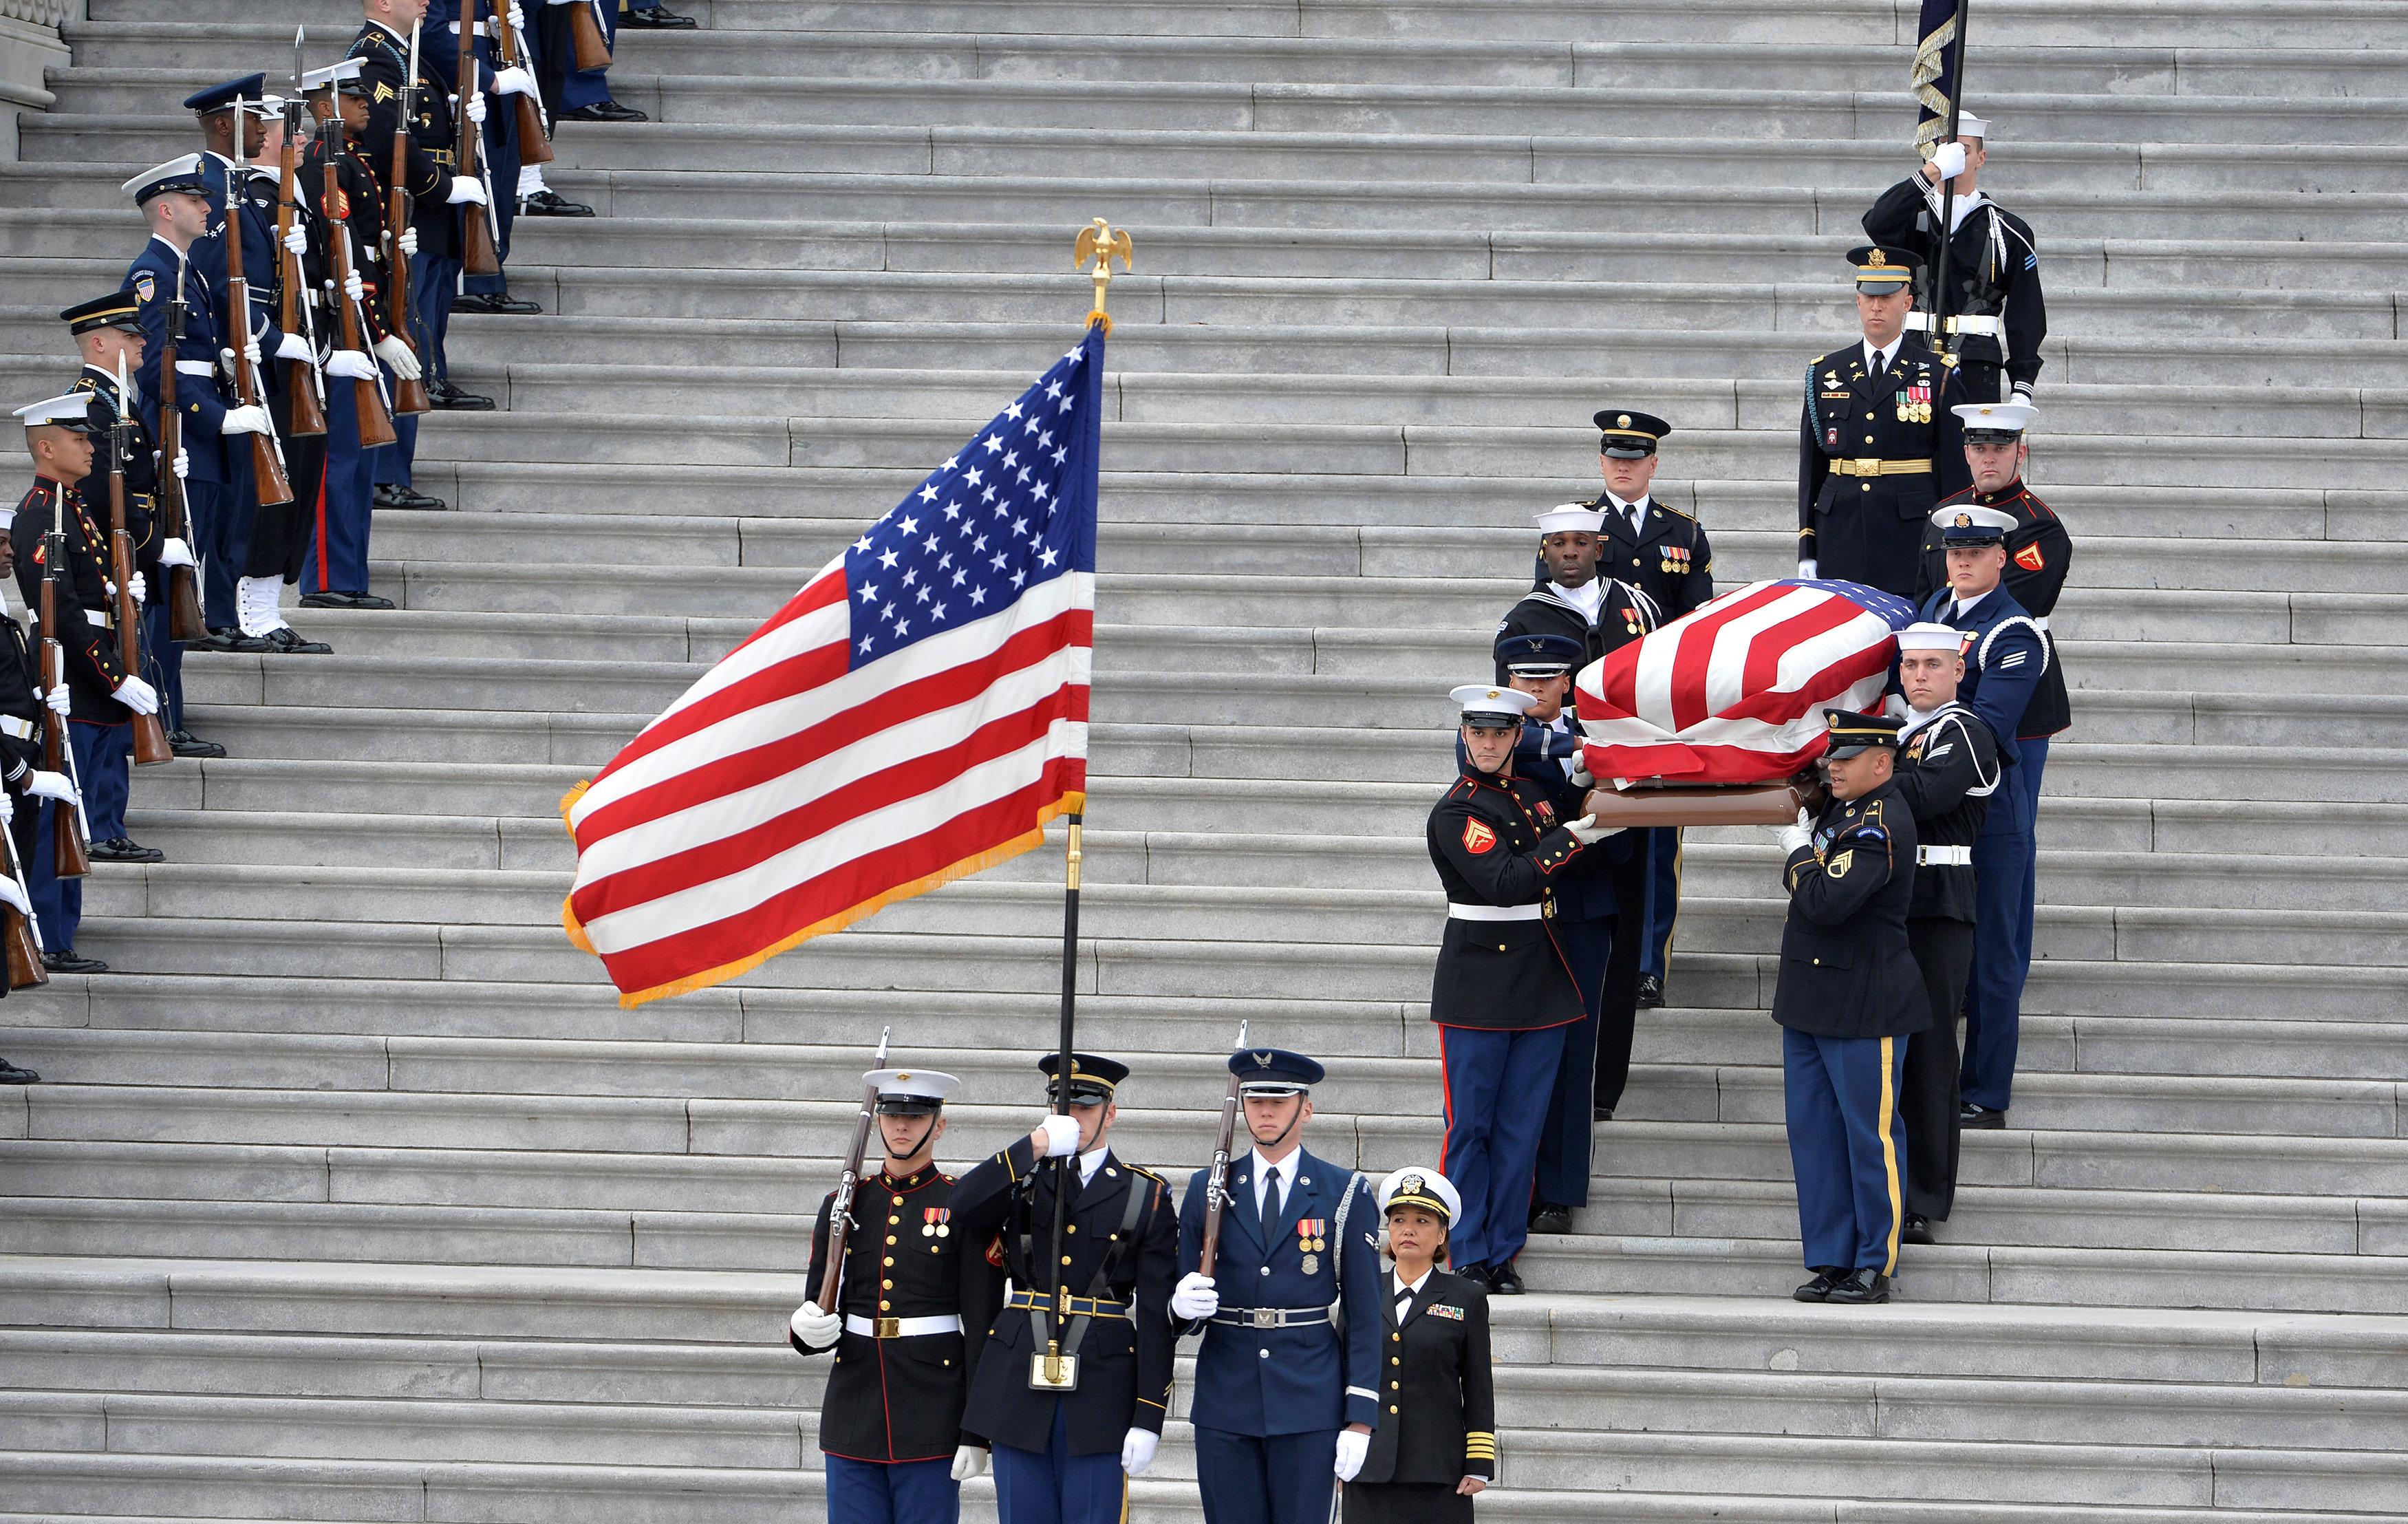 Una guardia de honor militar lleva el ataúd del difunto ex presidente George H.W. Bush a un coche fúnebre a la salida del Capitolio de Estados Unidos en dirección a la Catedral Nacional para los servicios funerarios, Washington, EE.UU., 5 de diciembre de 2018. (Reuters)